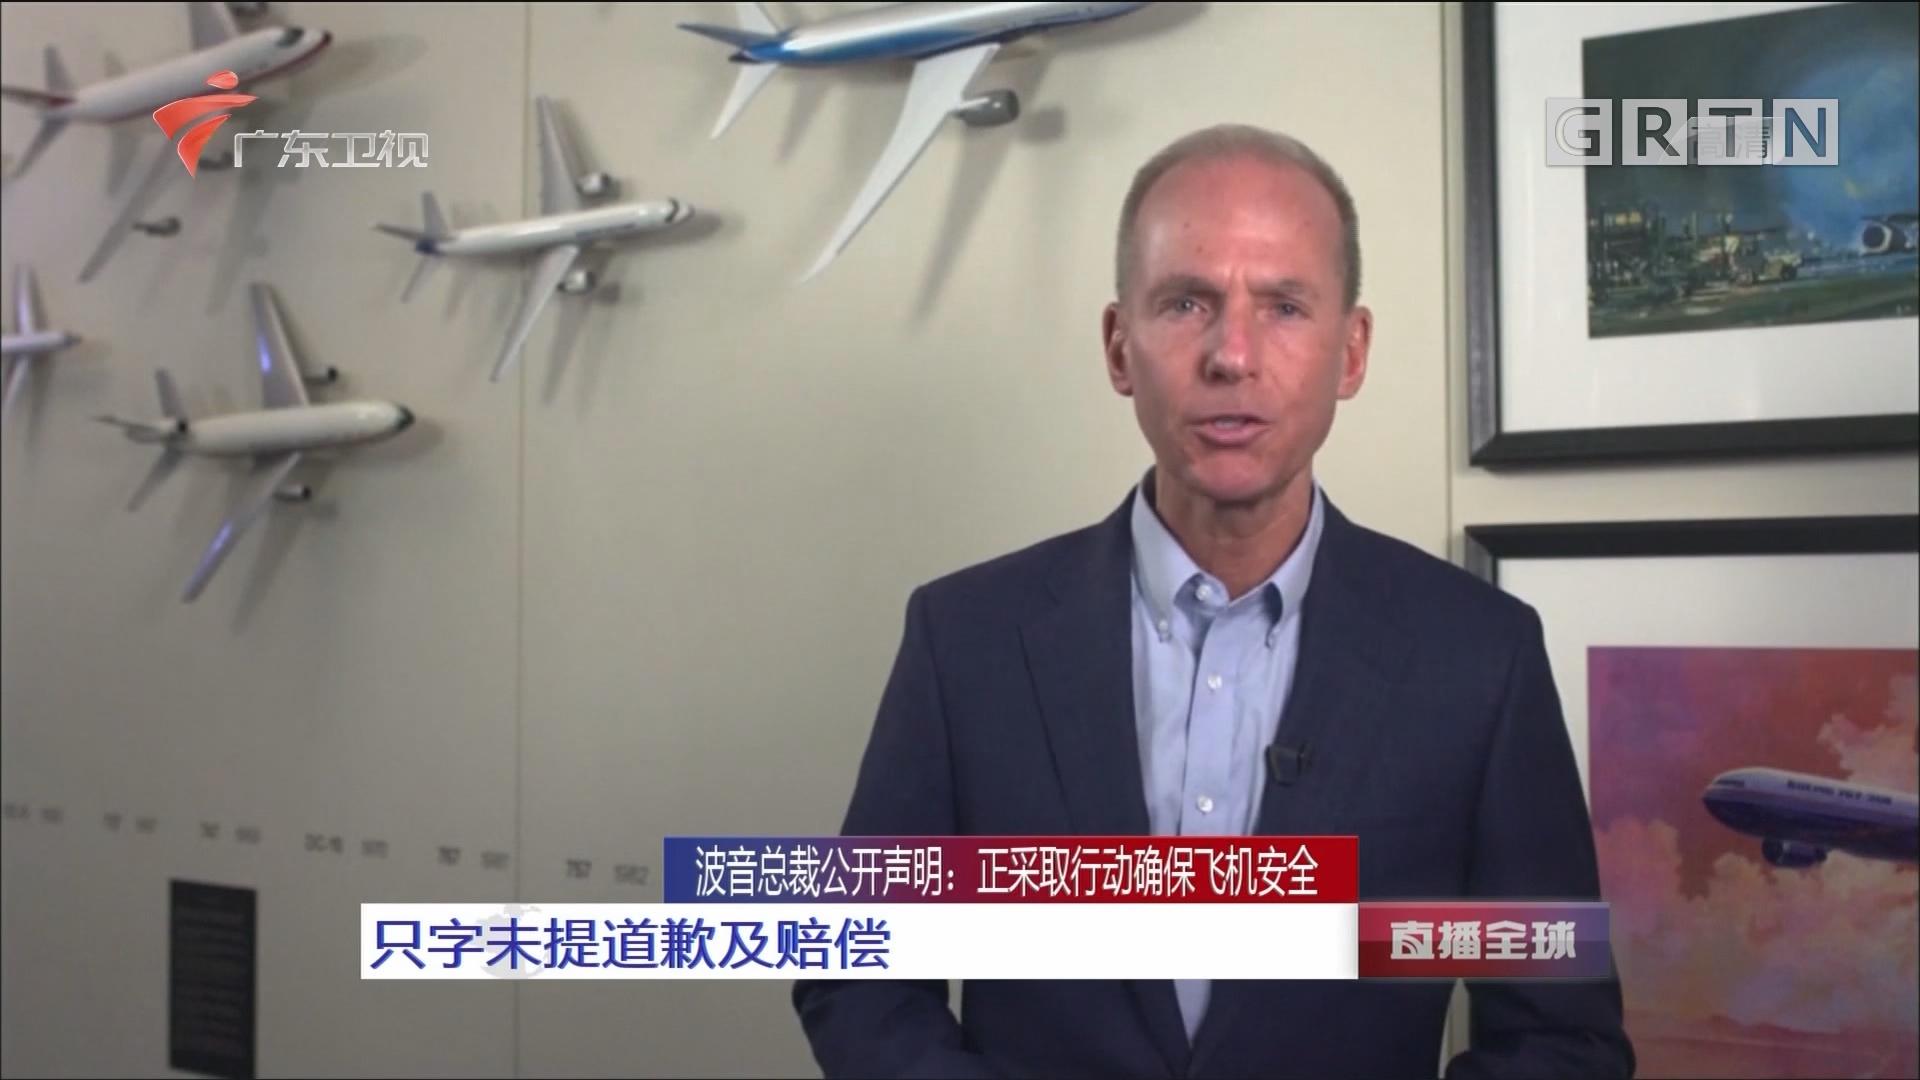 波音总裁公开声明:正采取行动确保飞机安全 只字未提道歉及赔偿